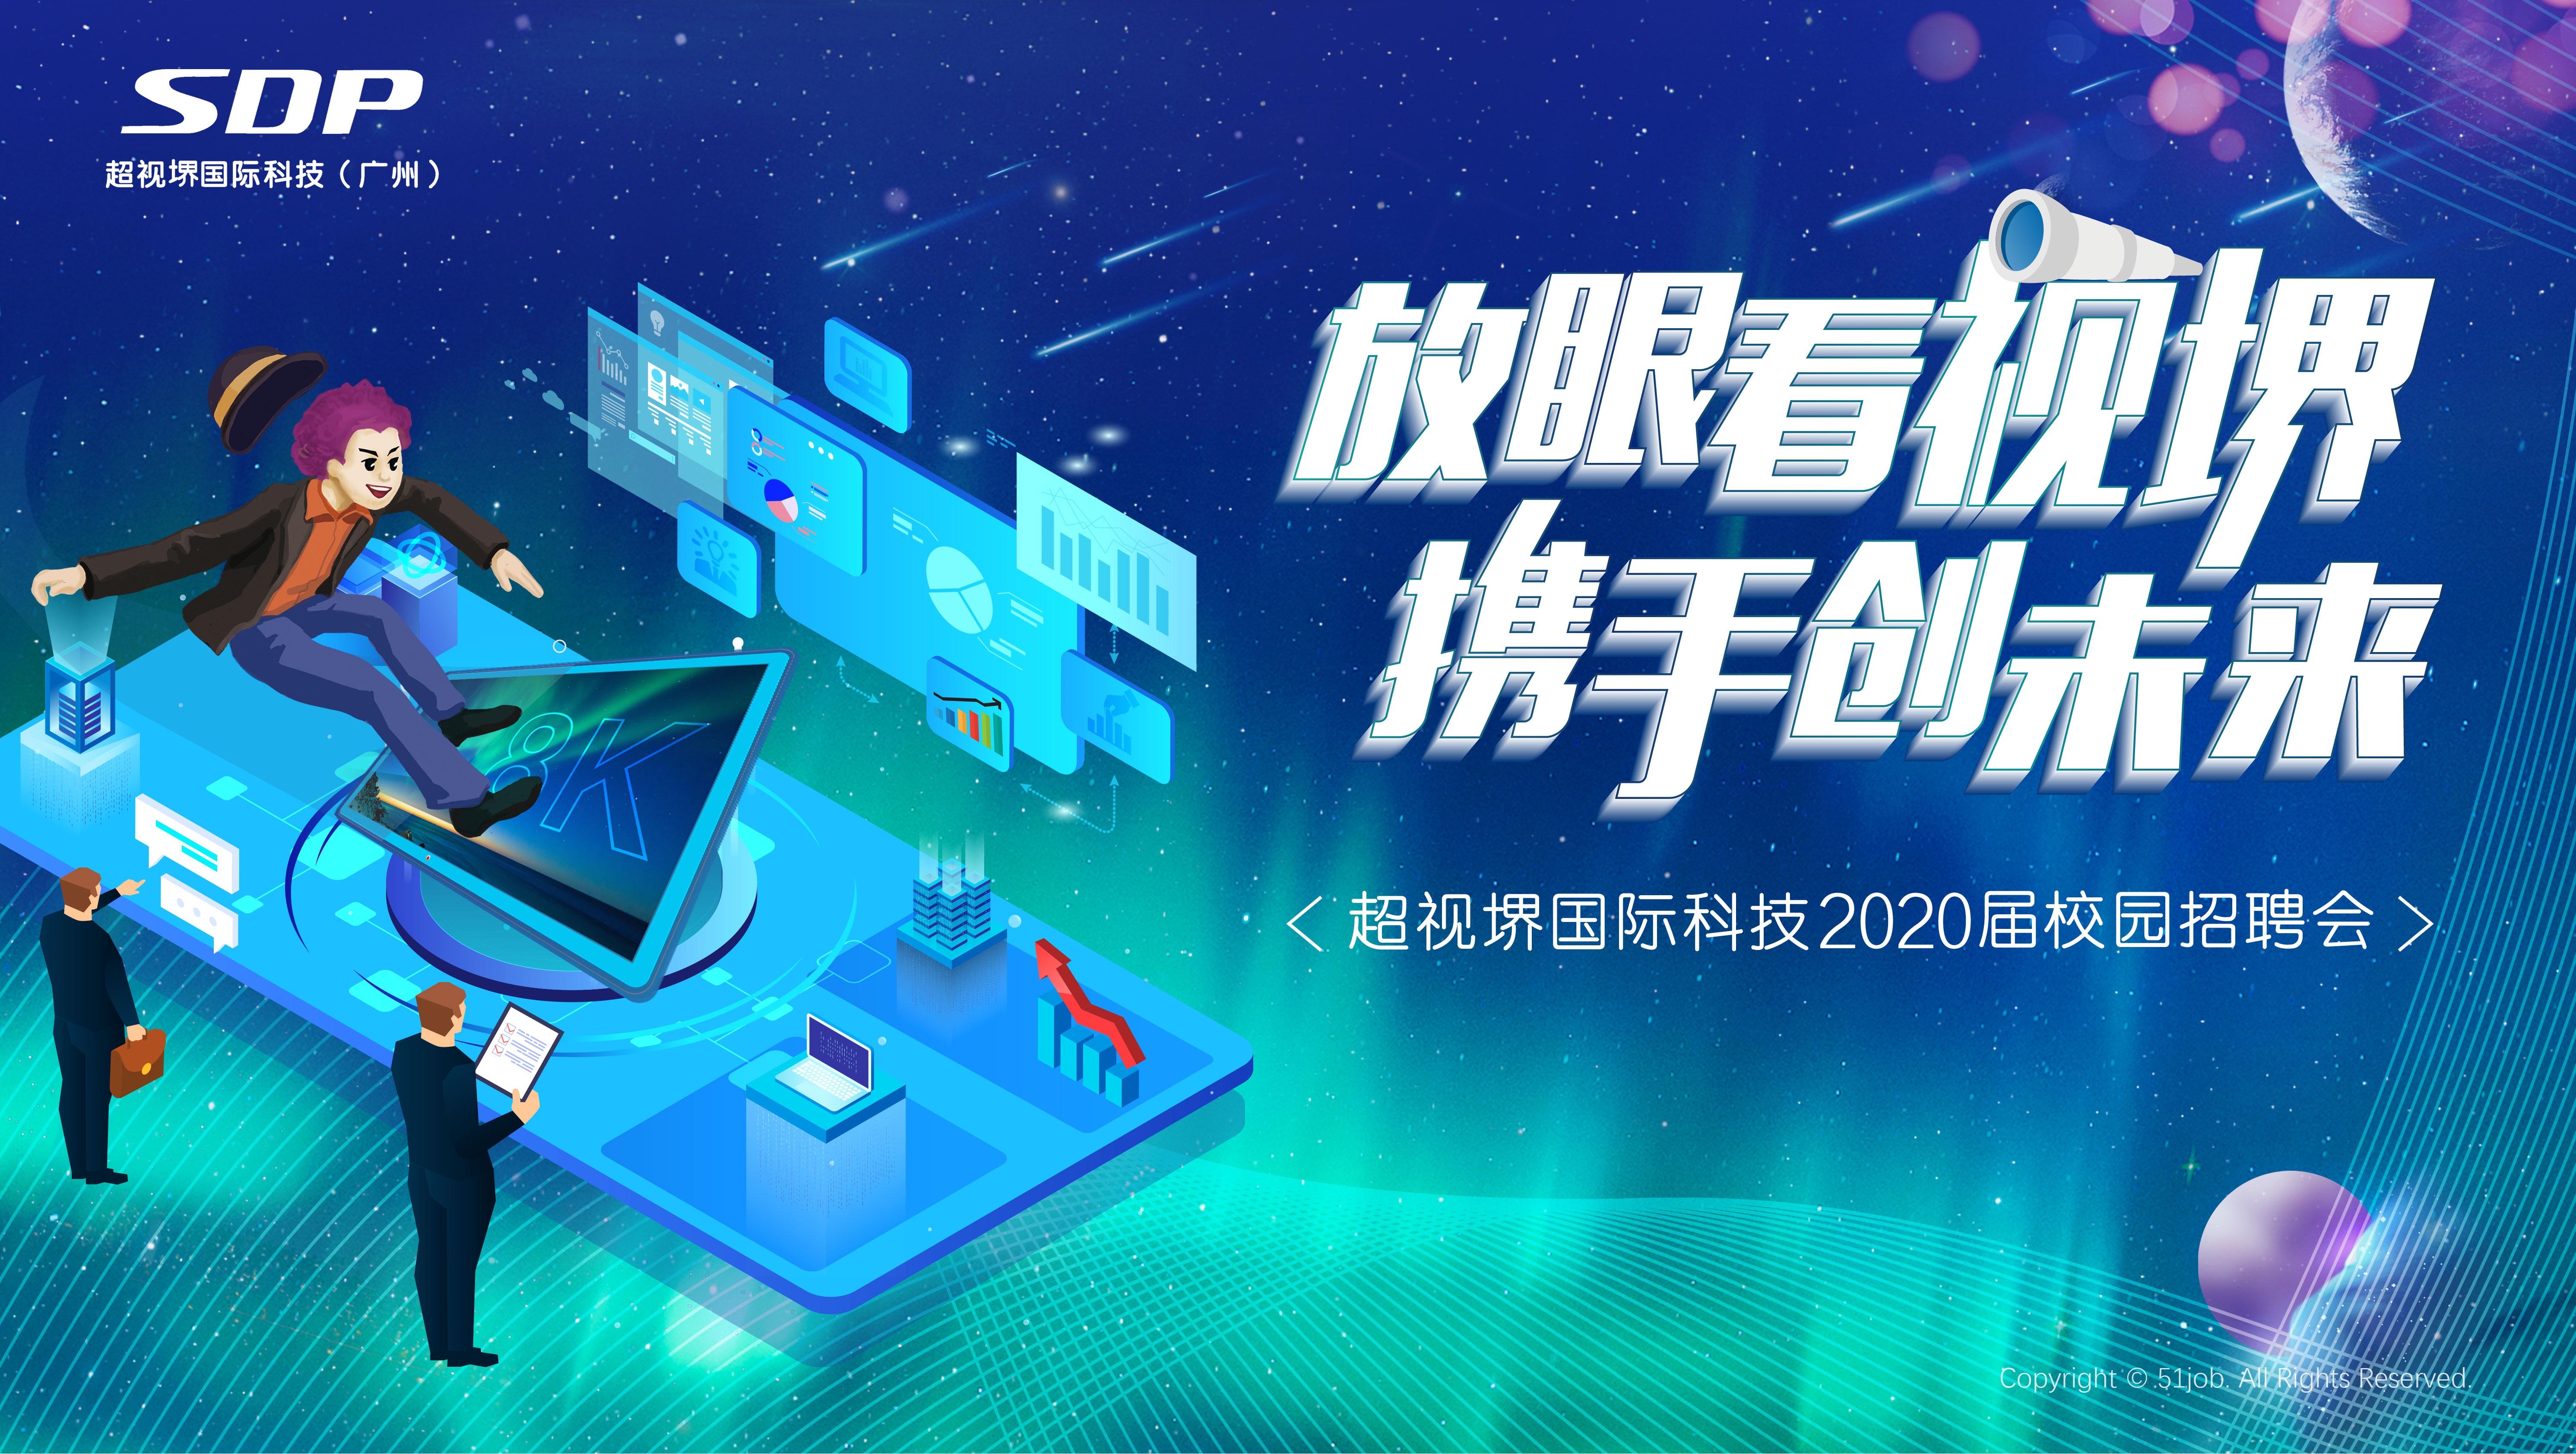 超视堺国际科技(广州)有限公司宣讲会